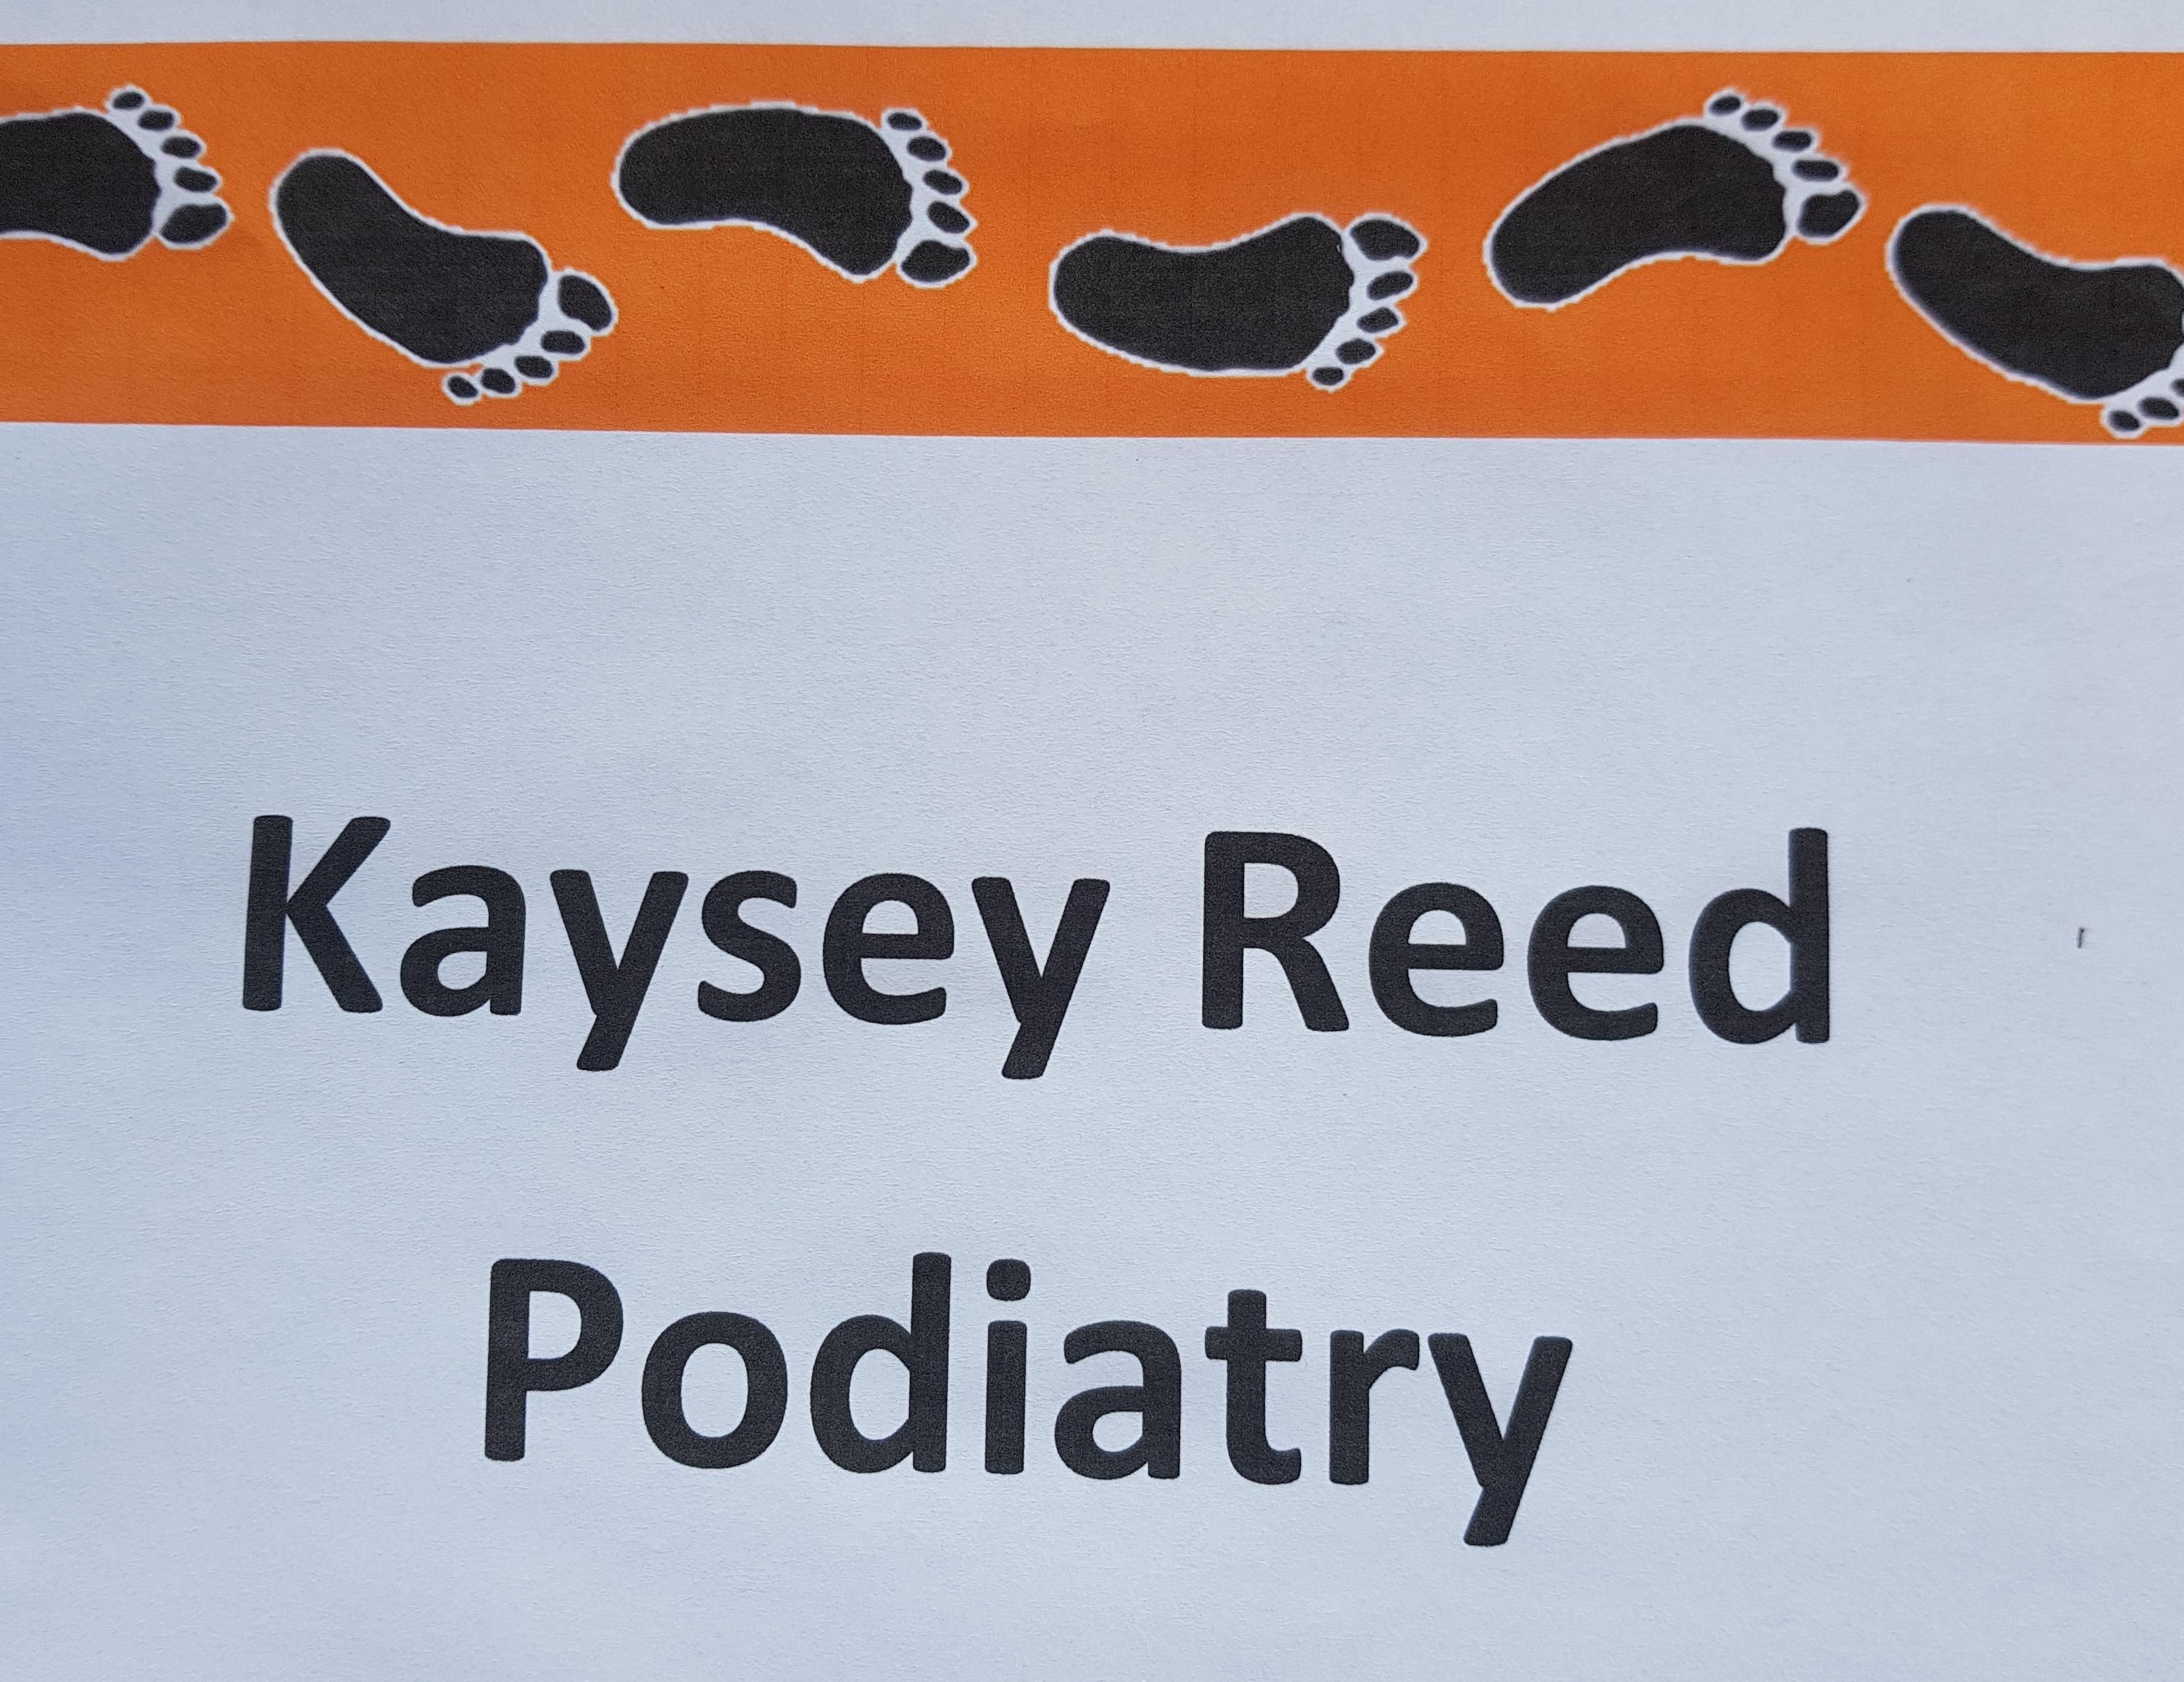 Kaysey Reed